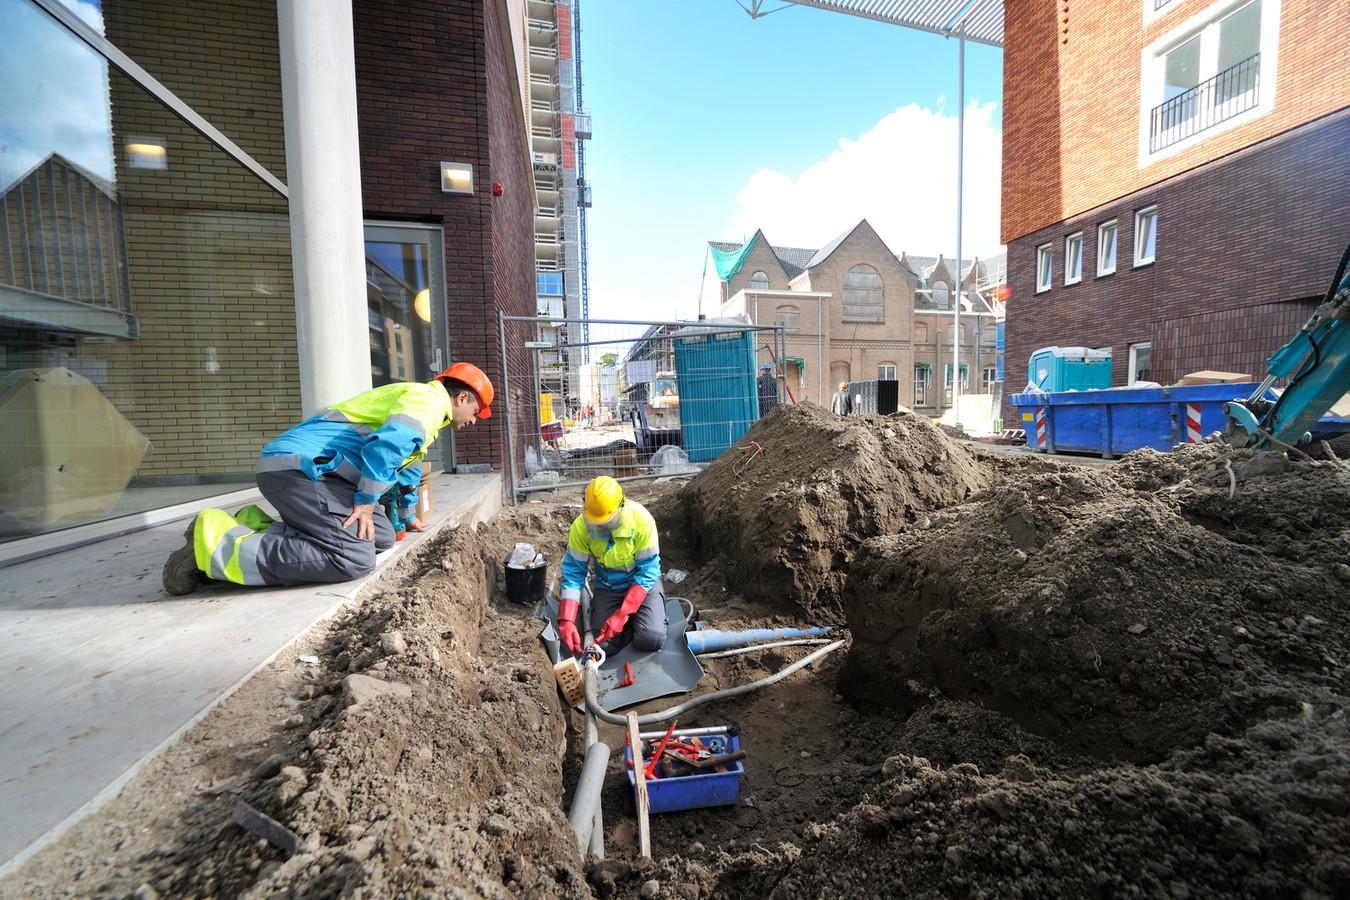 Monteurs van Alliander aan het werk in een nieuwbouwwijk.